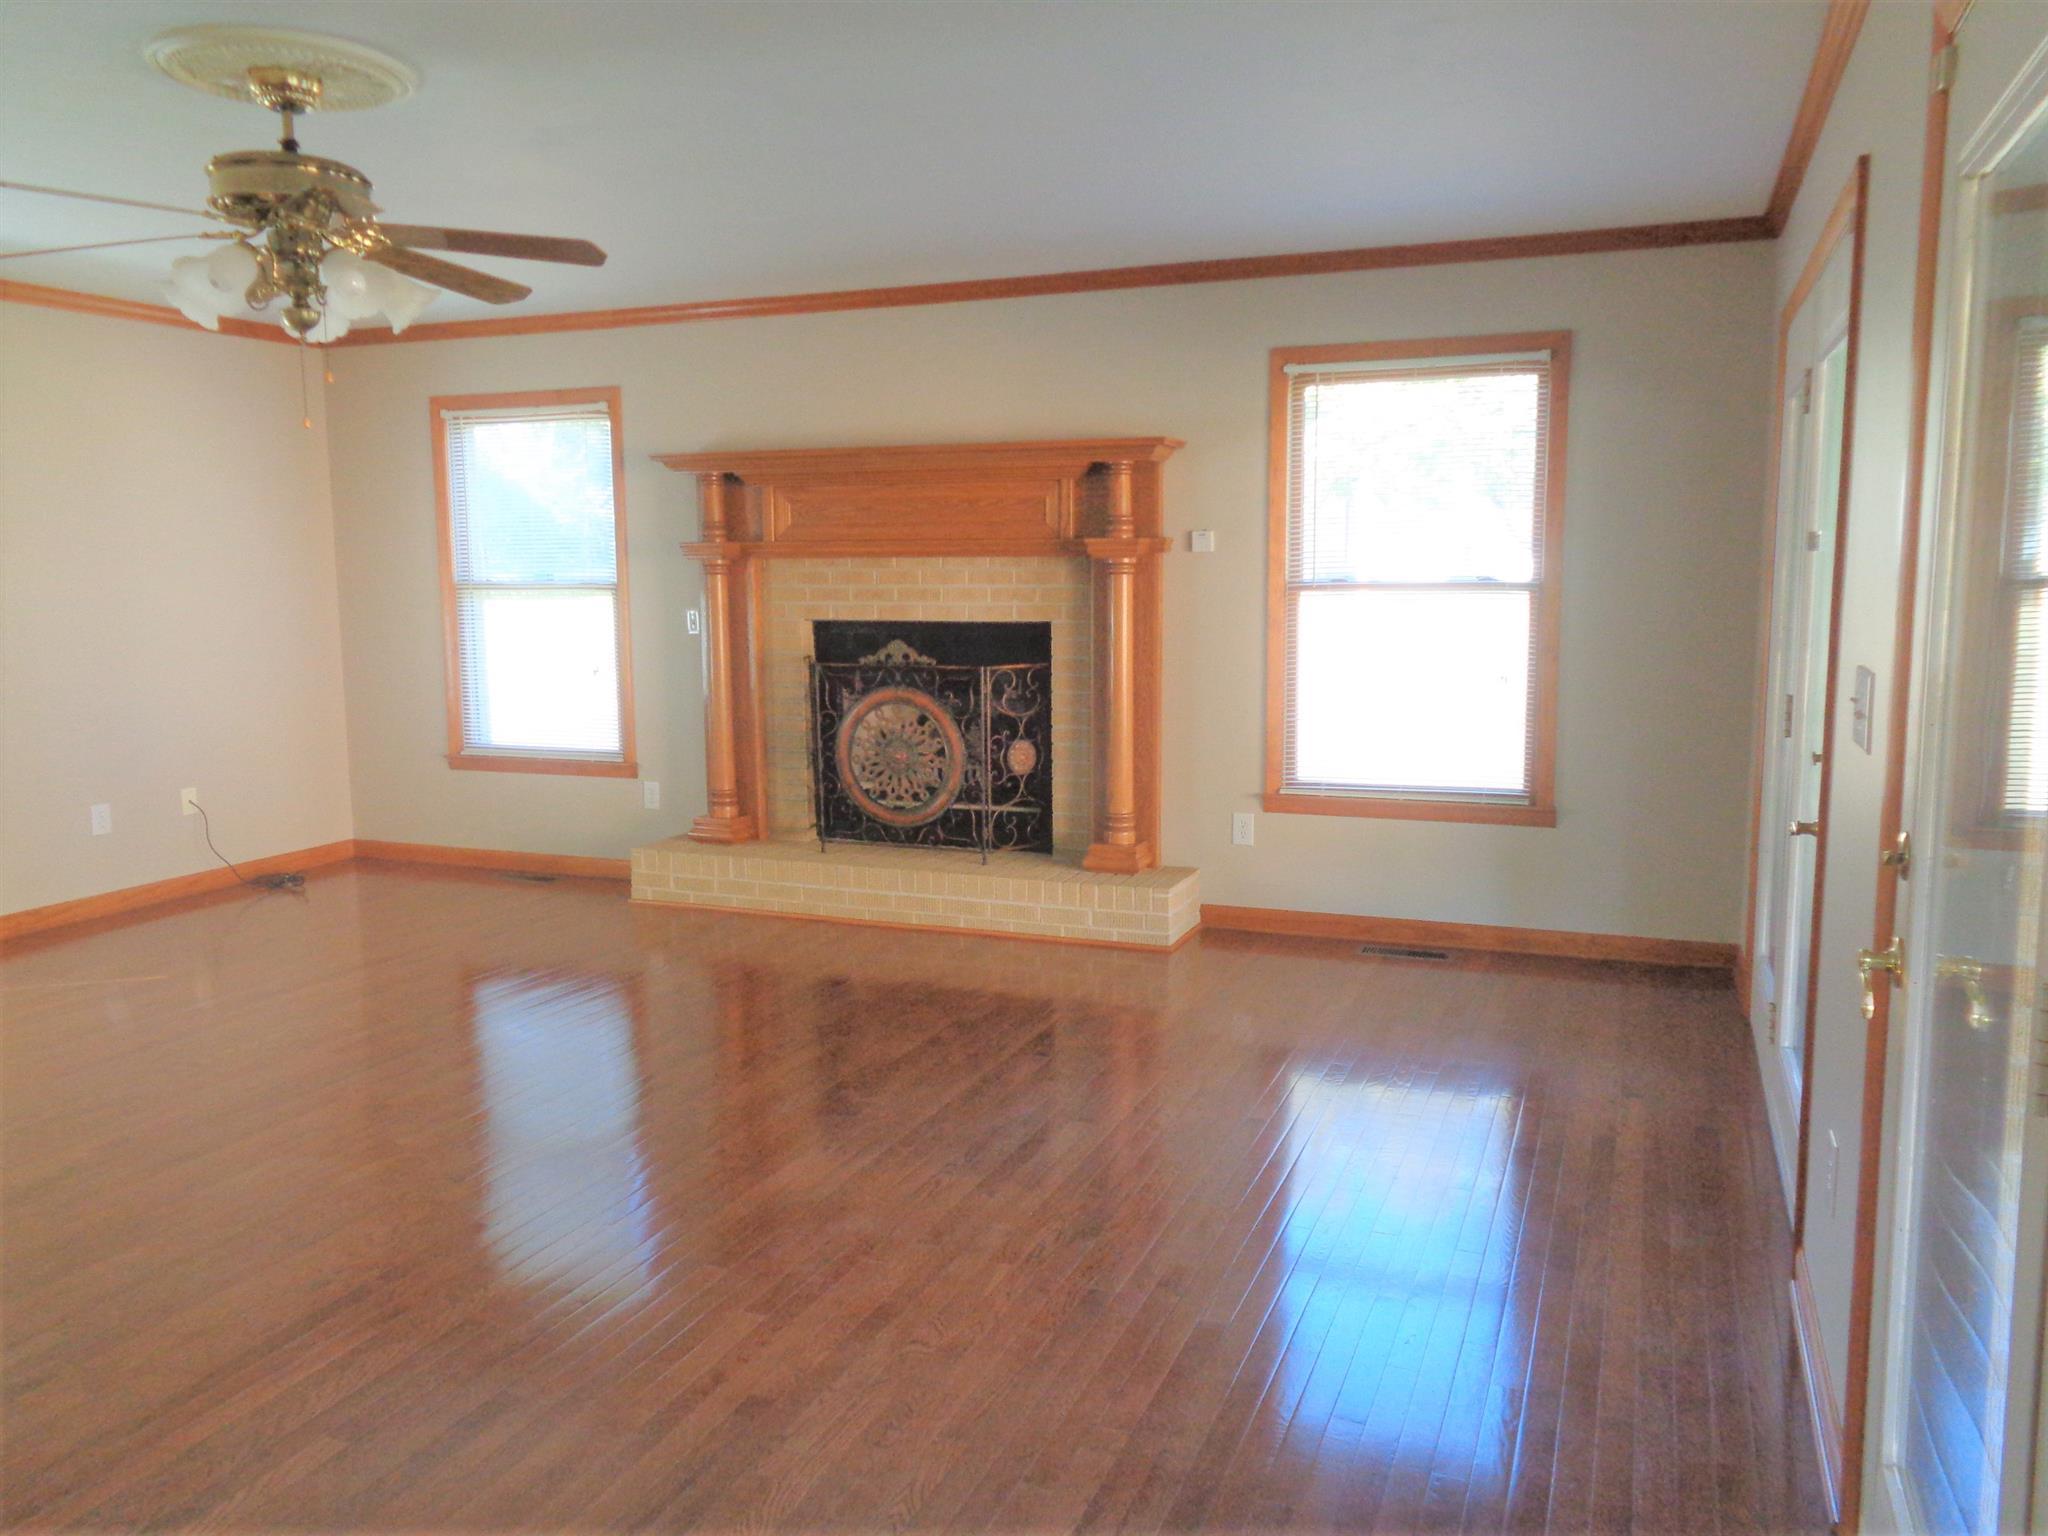 211 W Point Rd, Lawrenceburg, TN 38464 - Lawrenceburg, TN real estate listing